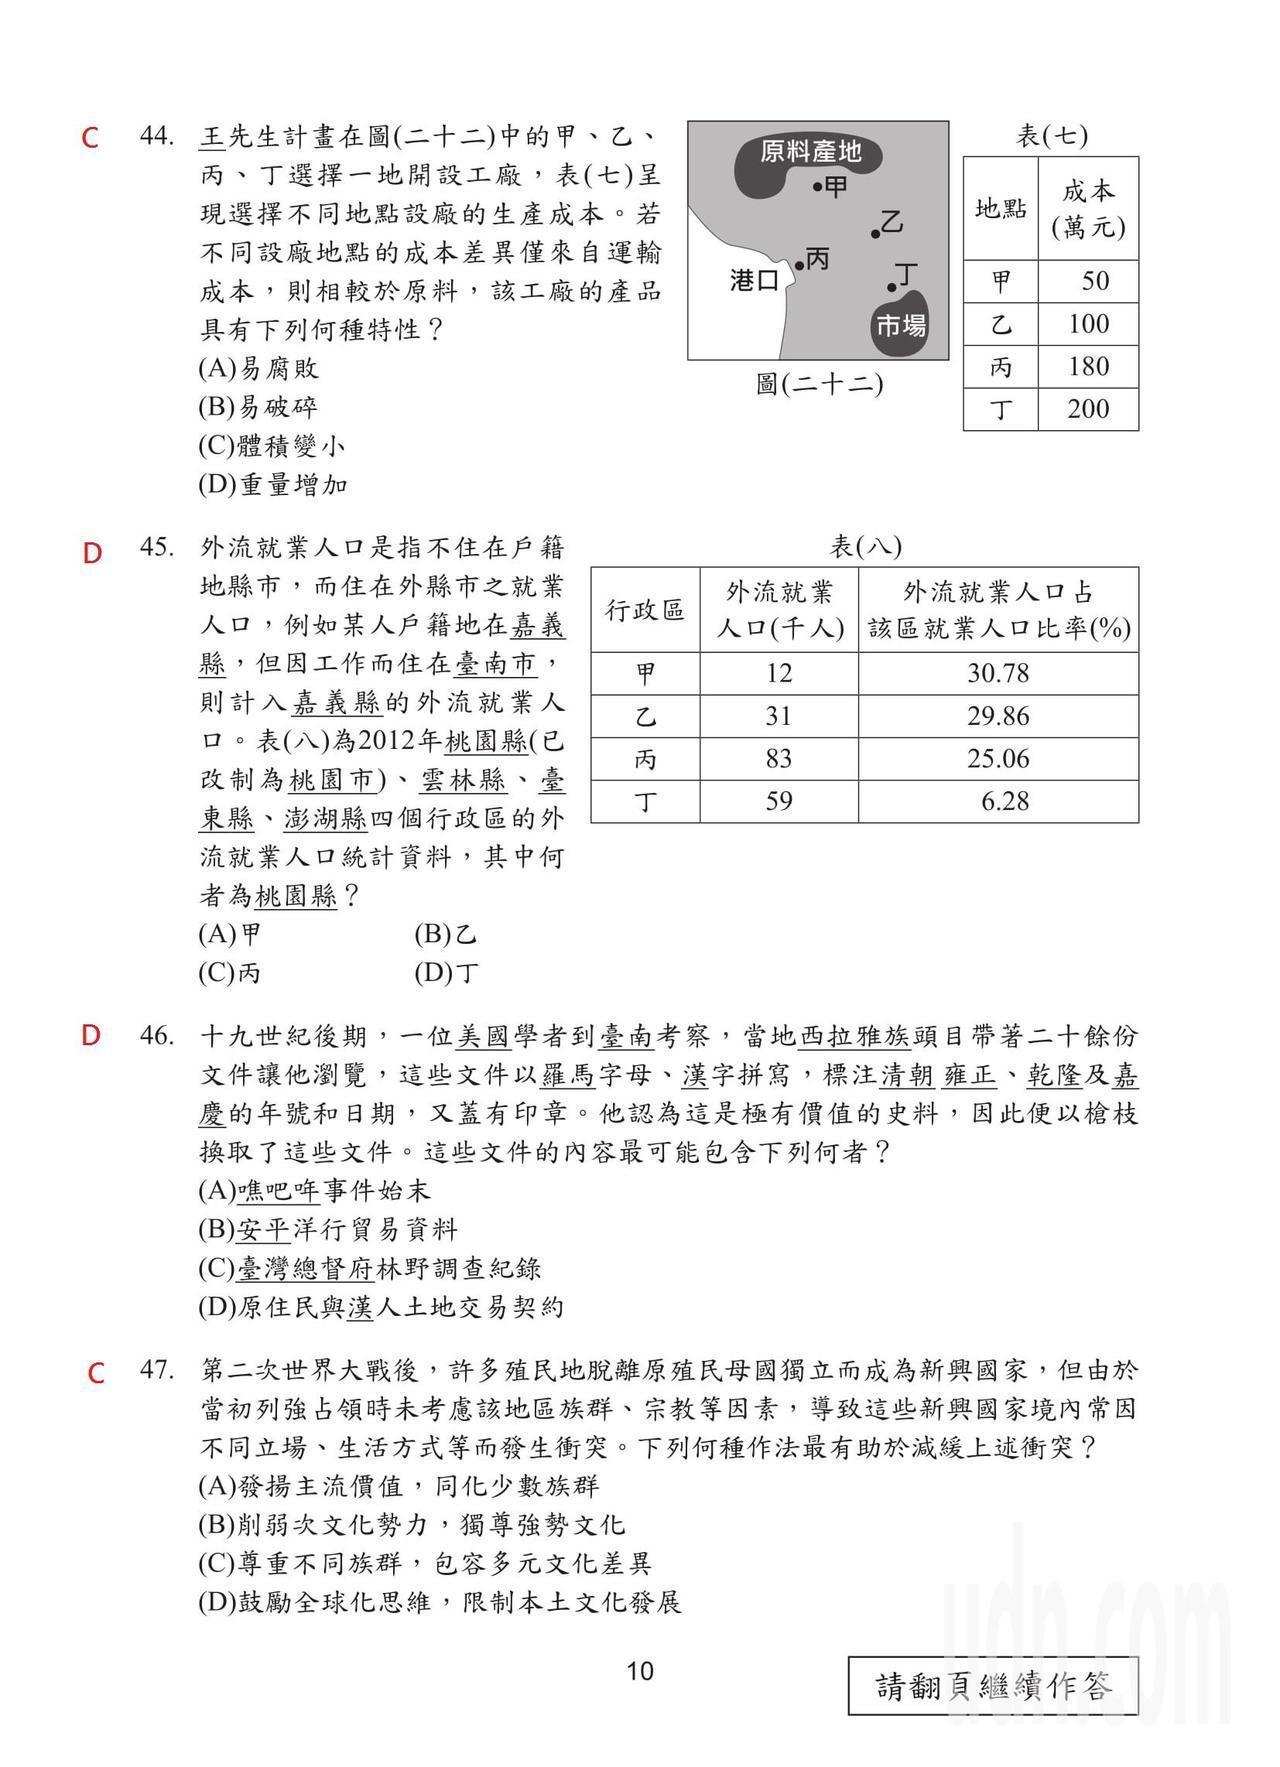 108國中會考社會科試題解答,第10頁。